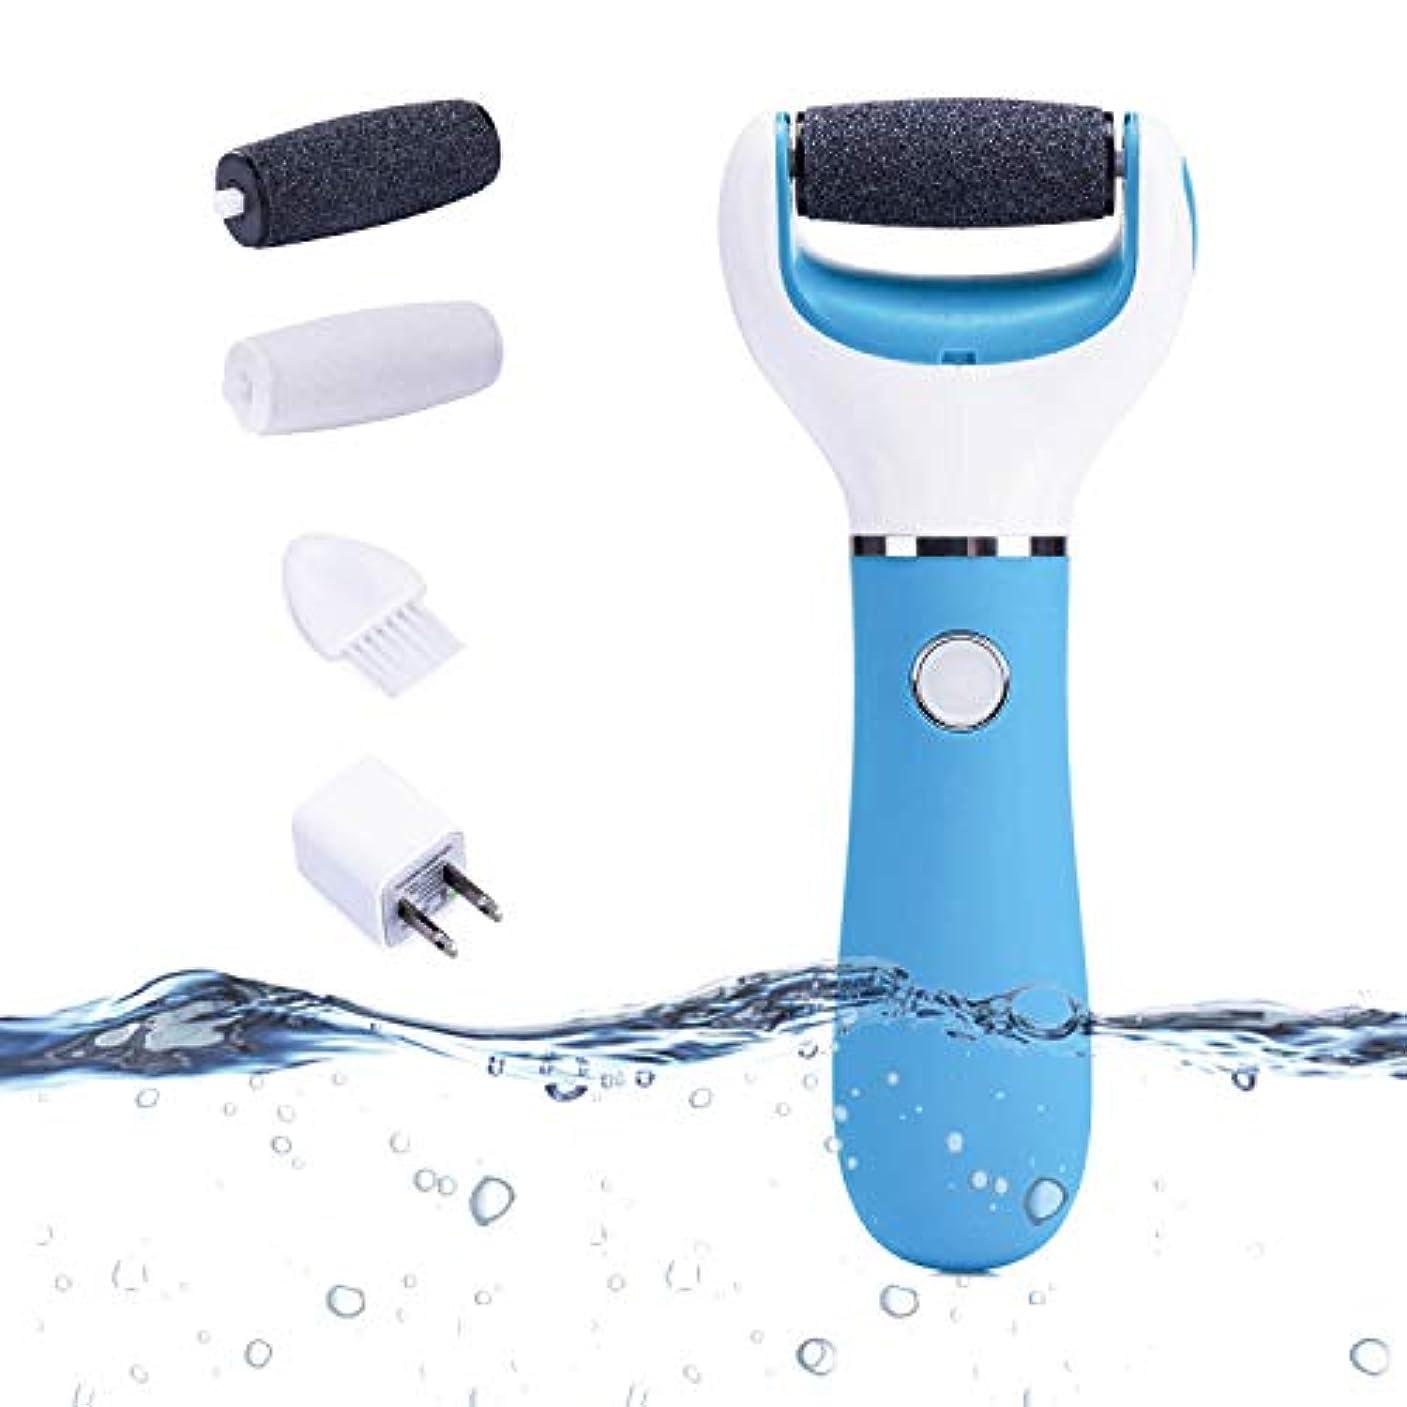 鳥社説明確なLionWell 電動角質リムーバー USB充電式 防水 足ケア 軽石 角質取り 角質除去 改良版ローラー 粗目/細目 2つ付き 快速/低速モード 爪磨き機能 水洗い可能 フットケア (ブルー?強化型)